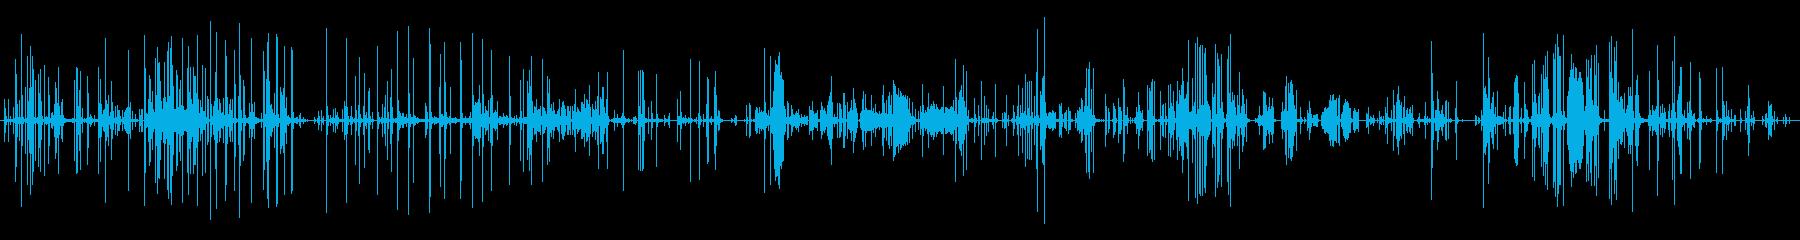 氷る音の再生済みの波形